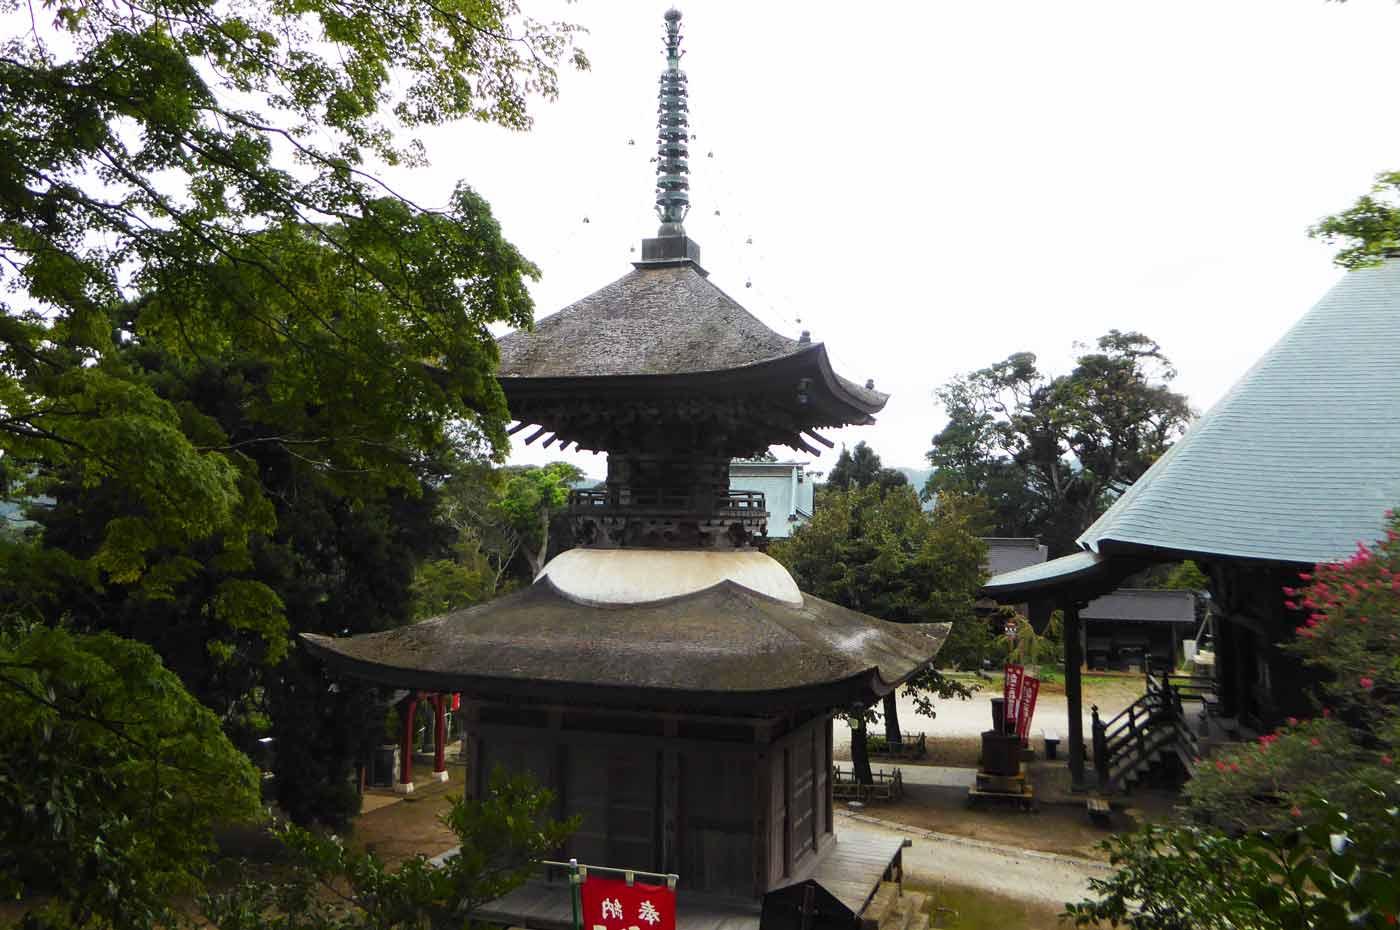 石堂寺の多宝塔